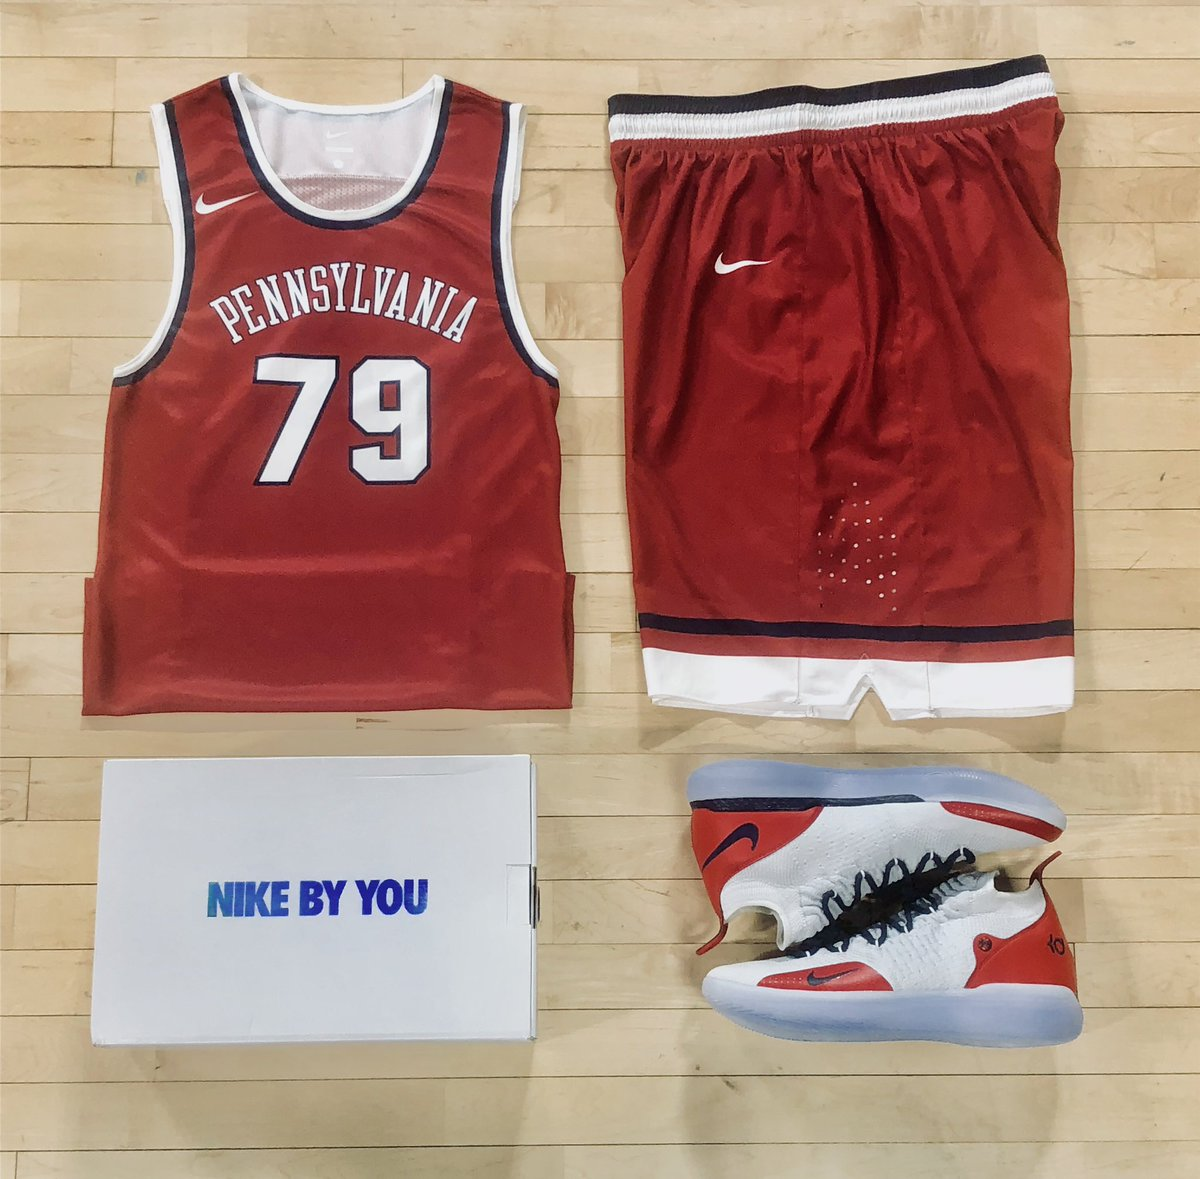 f94d2d1b4 ... throwback uniforms Penn Basketball will wear ...